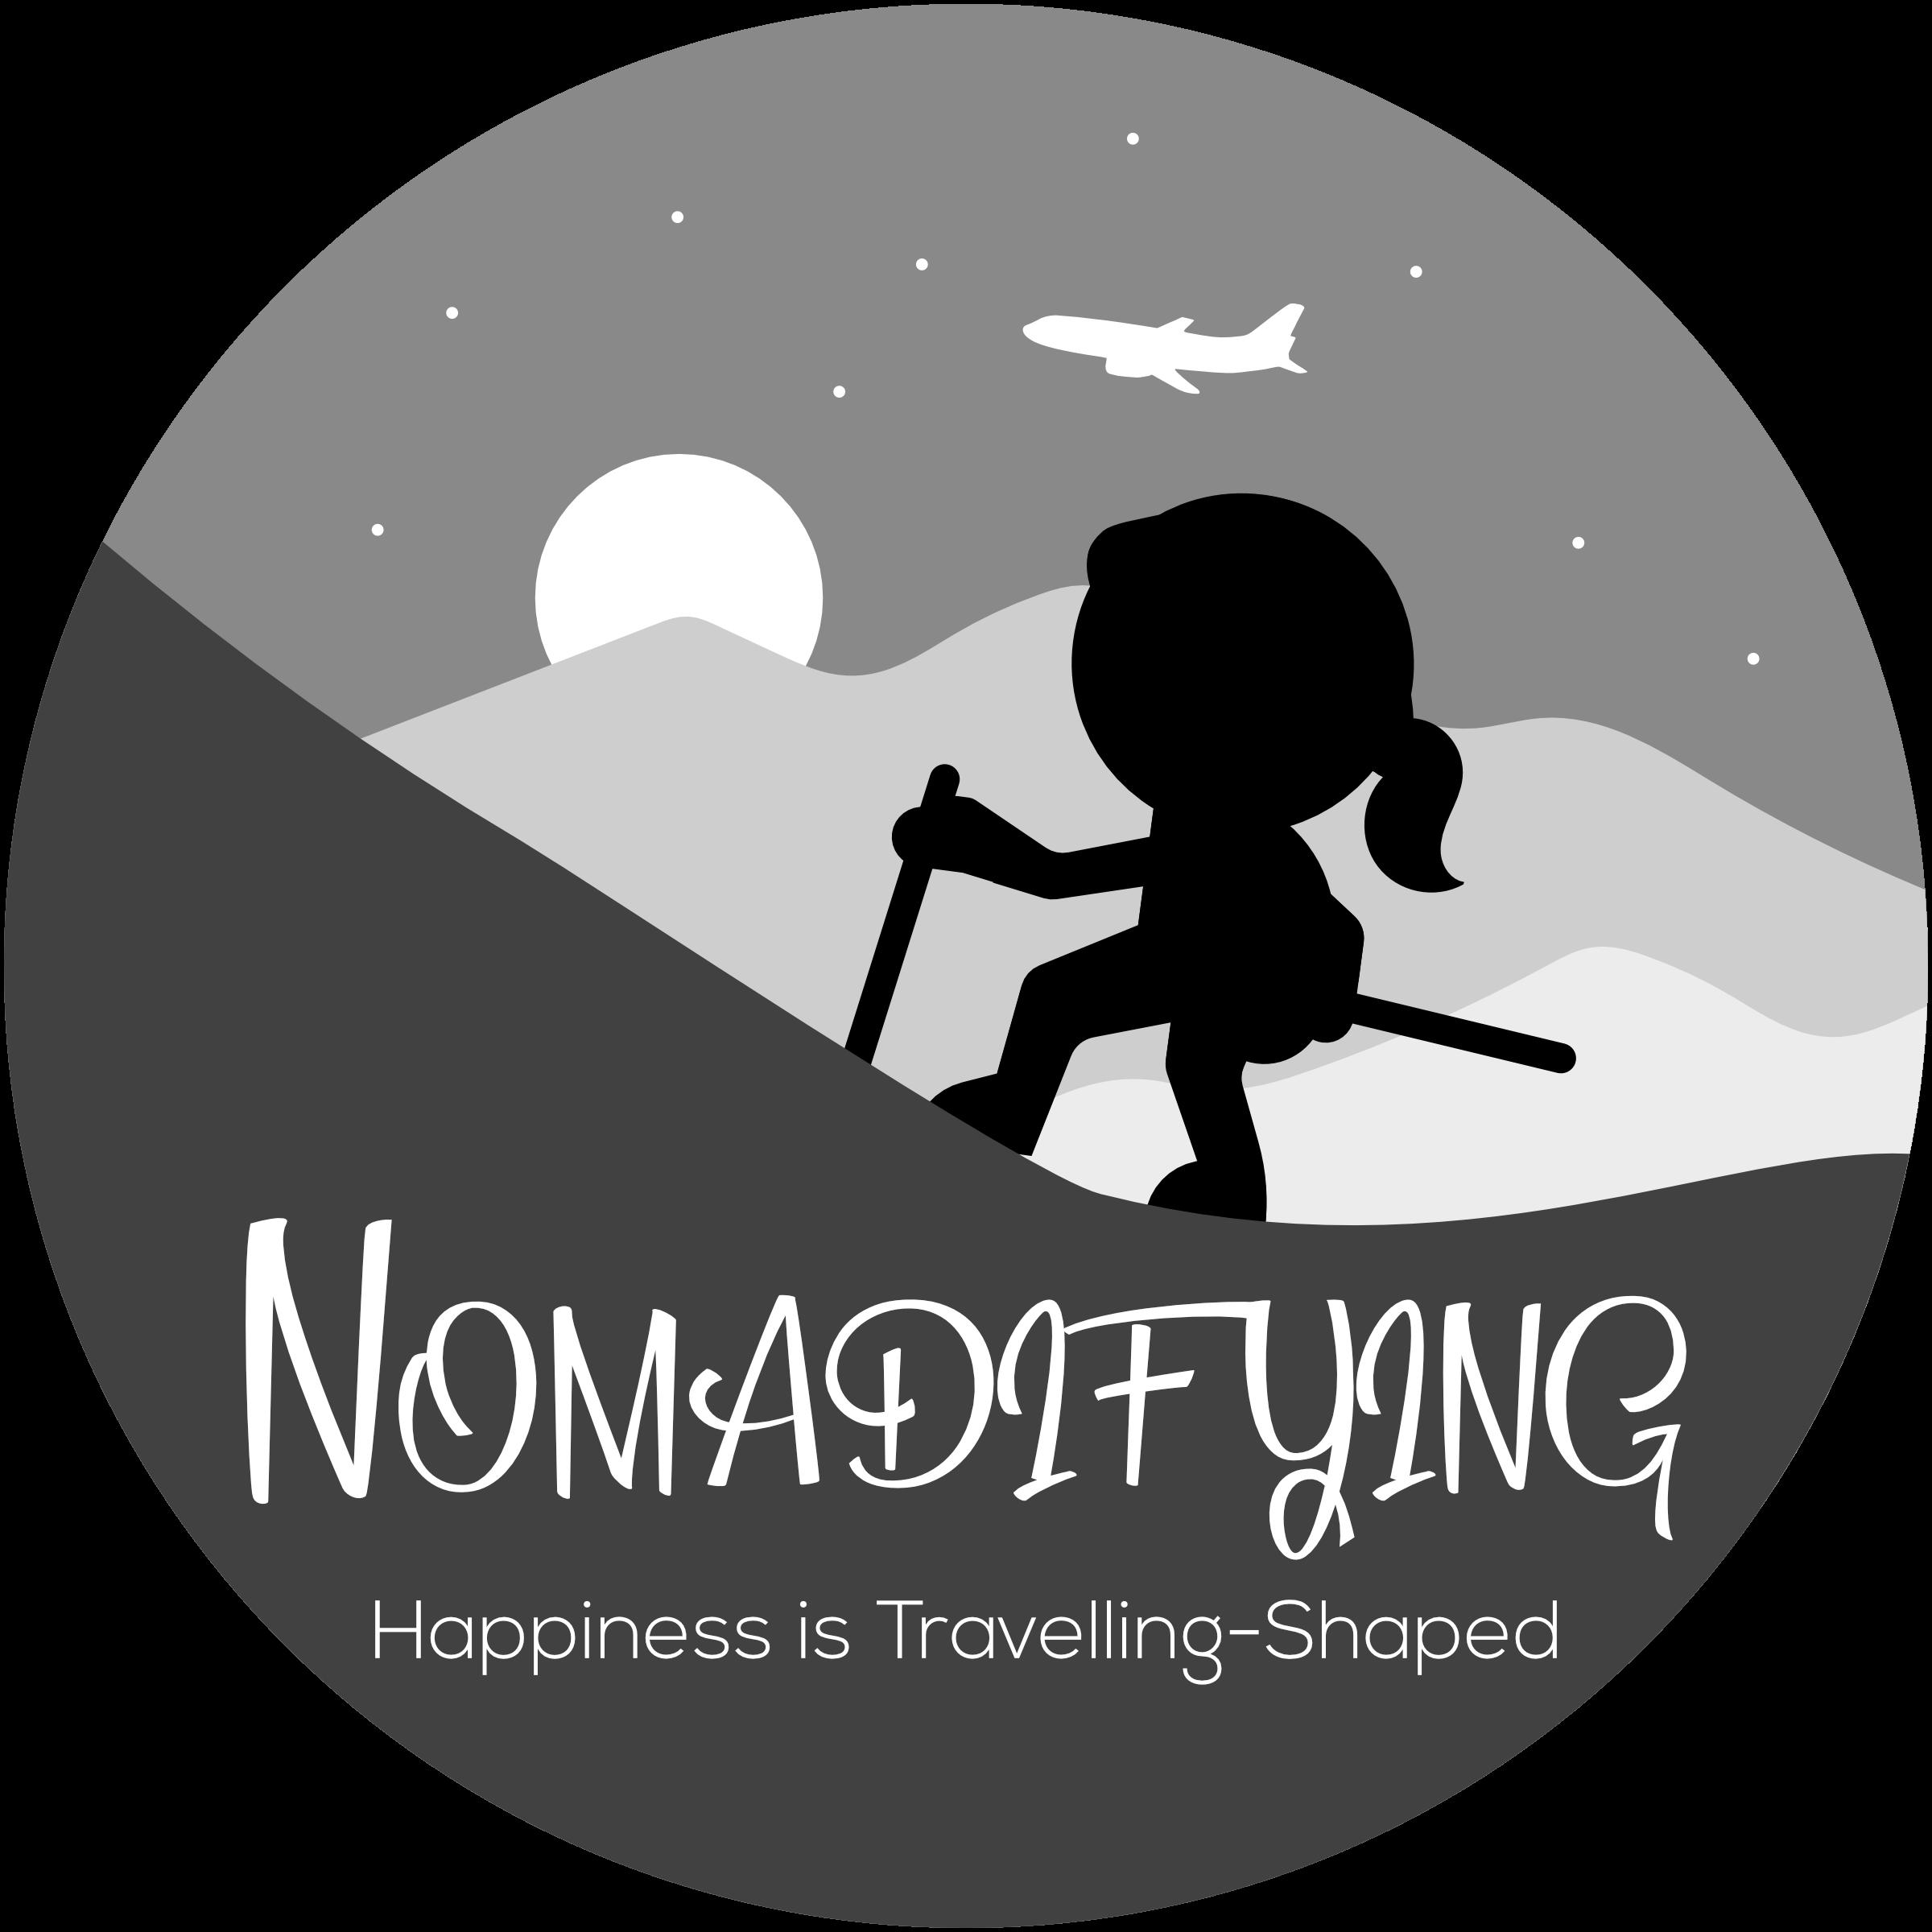 Nomadifying